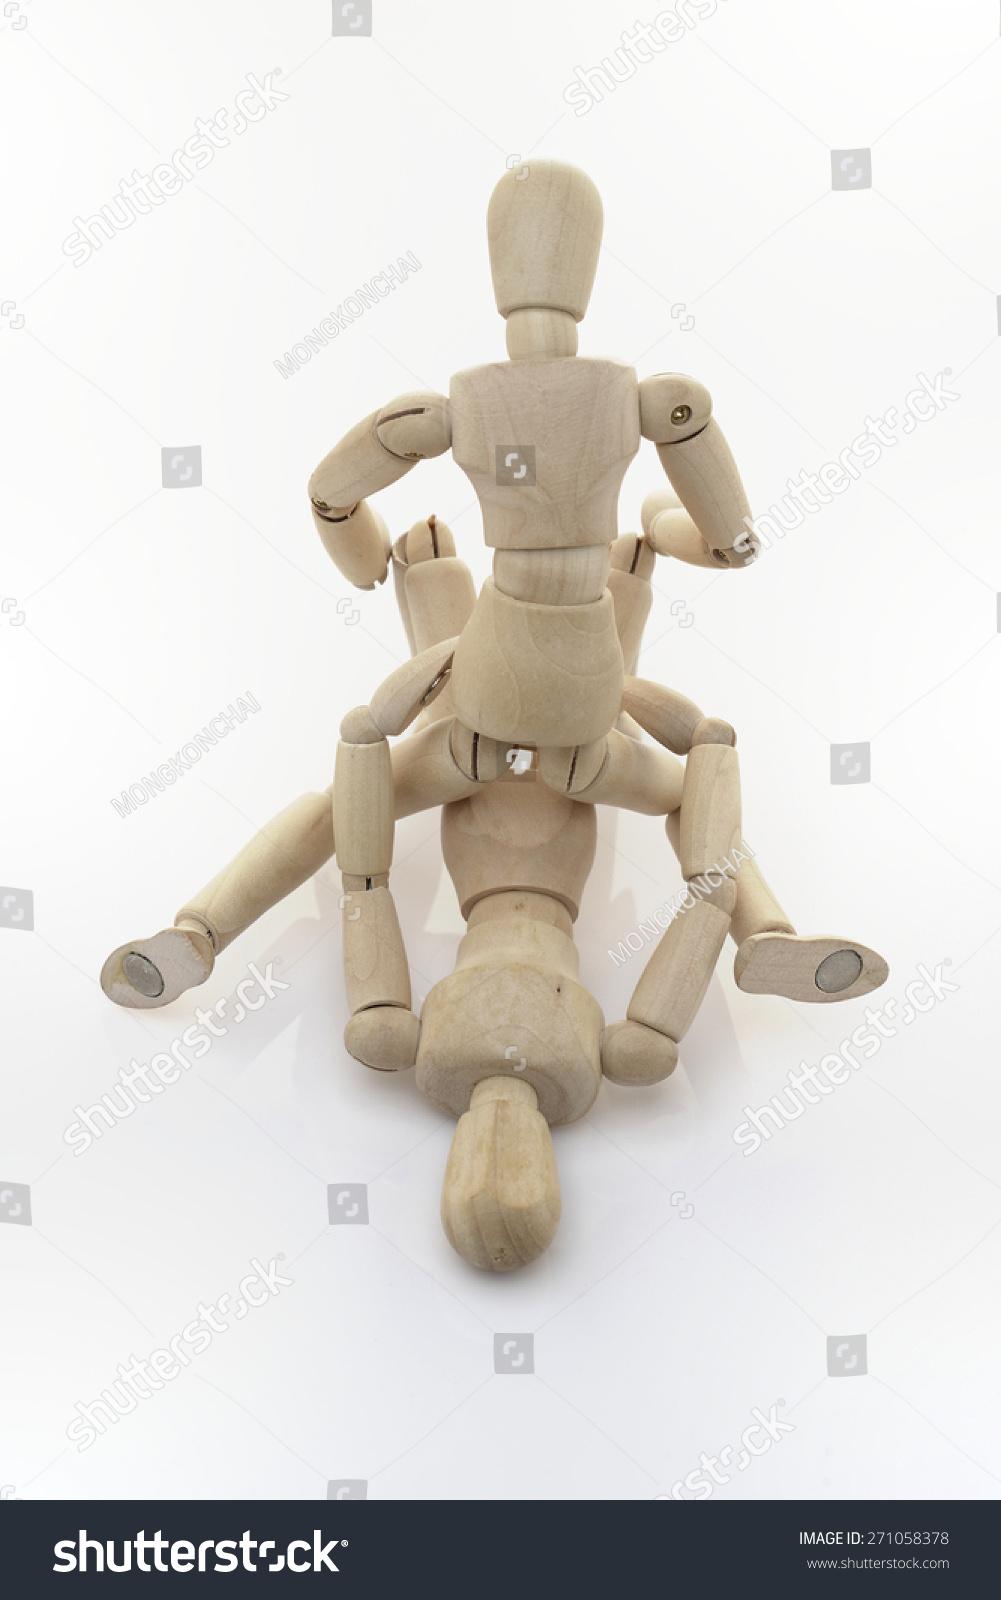 Sex robots kama surtr